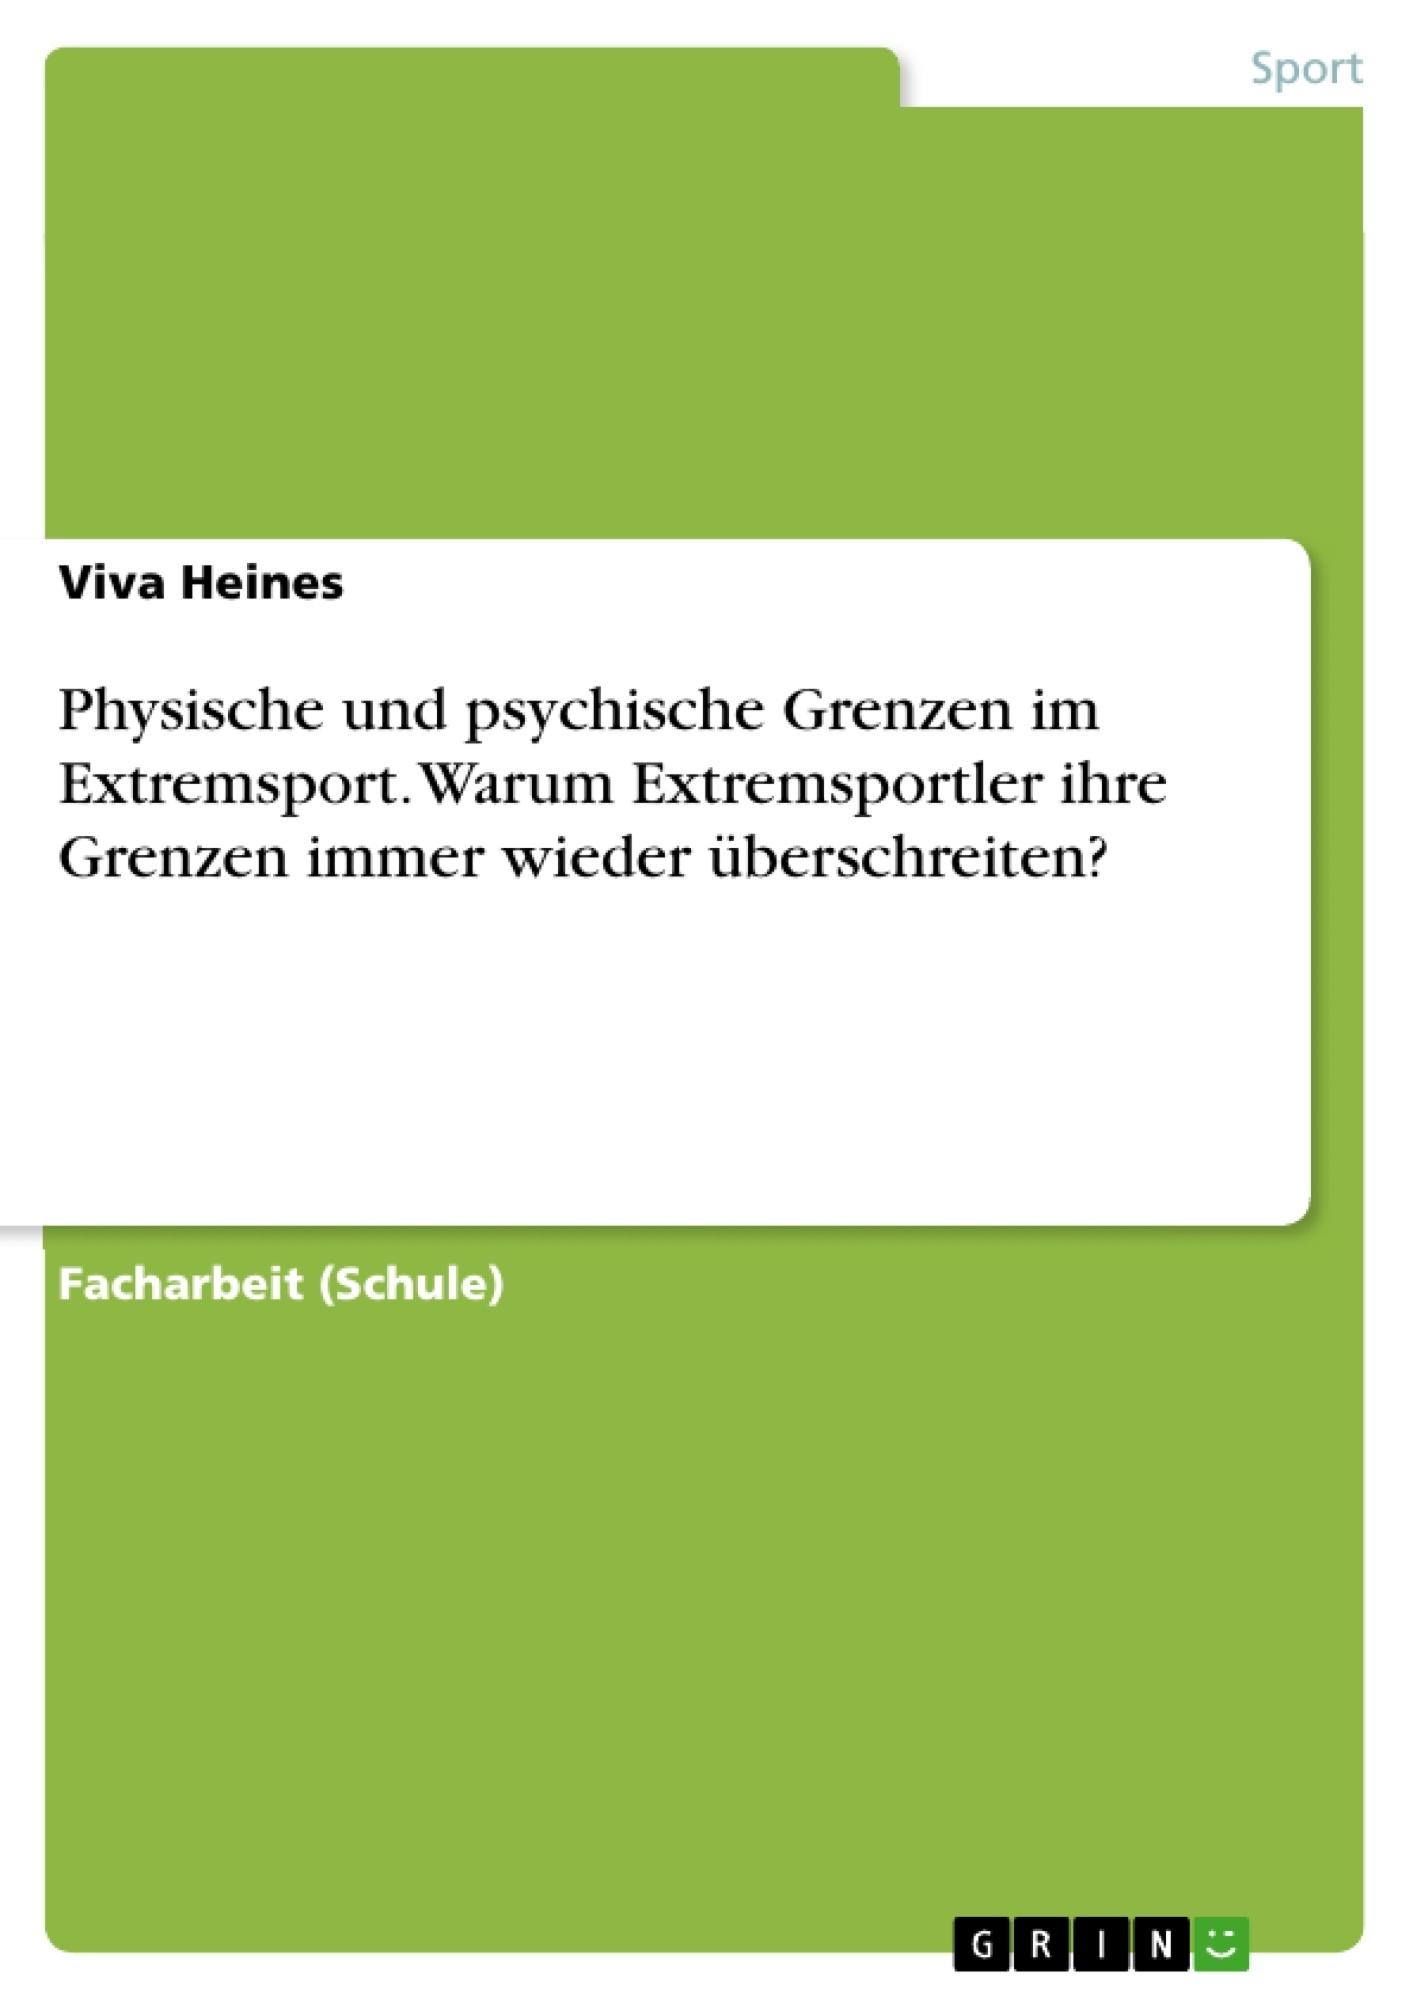 Titel: Physische und psychische Grenzen im Extremsport. Warum Extremsportler ihre Grenzen immer wieder überschreiten?